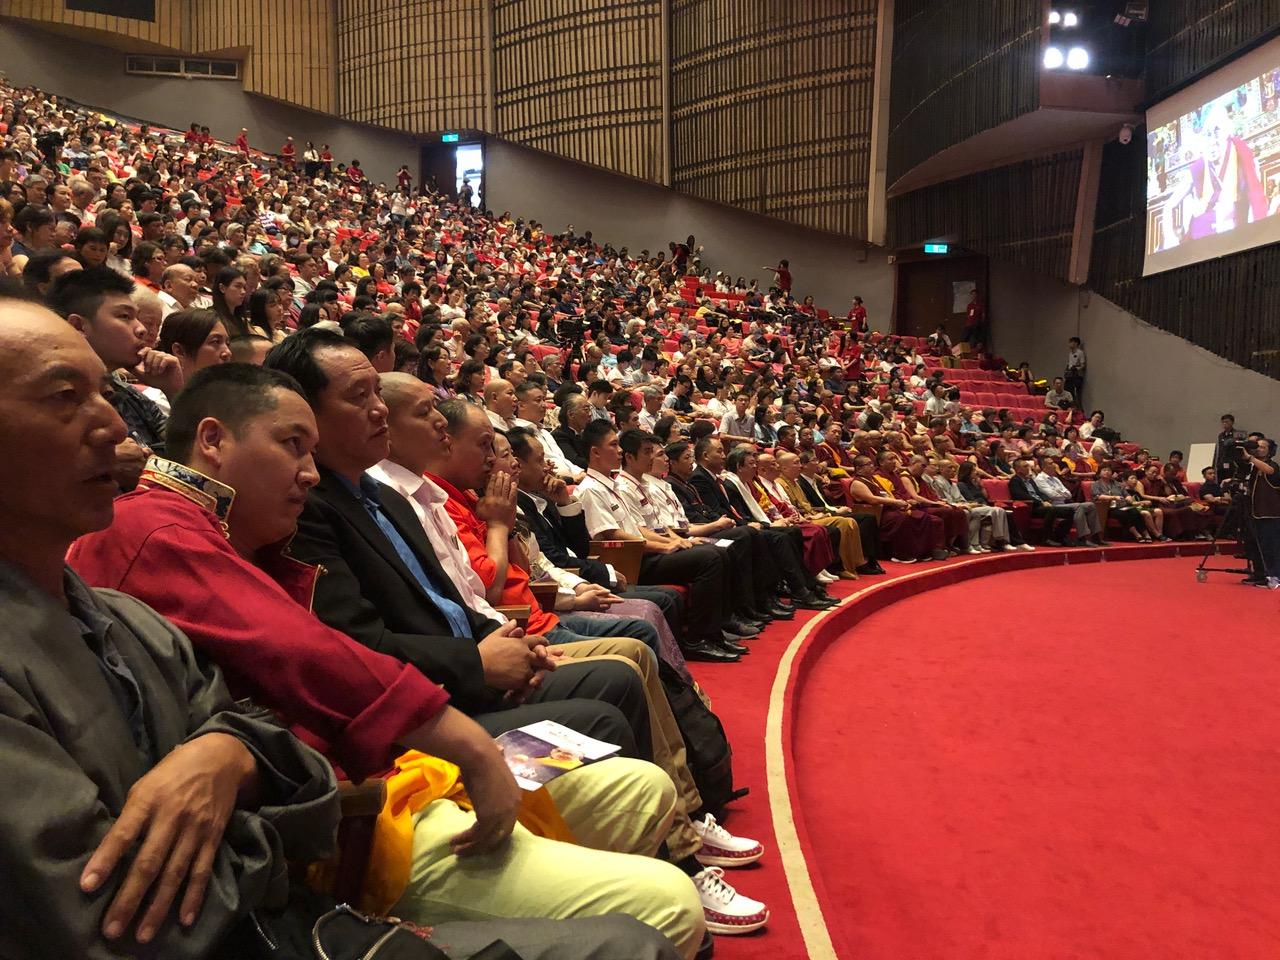 两千多名在台藏人和台湾佛教徒为达赖喇嘛祝贺生日。(记者夏小华摄)